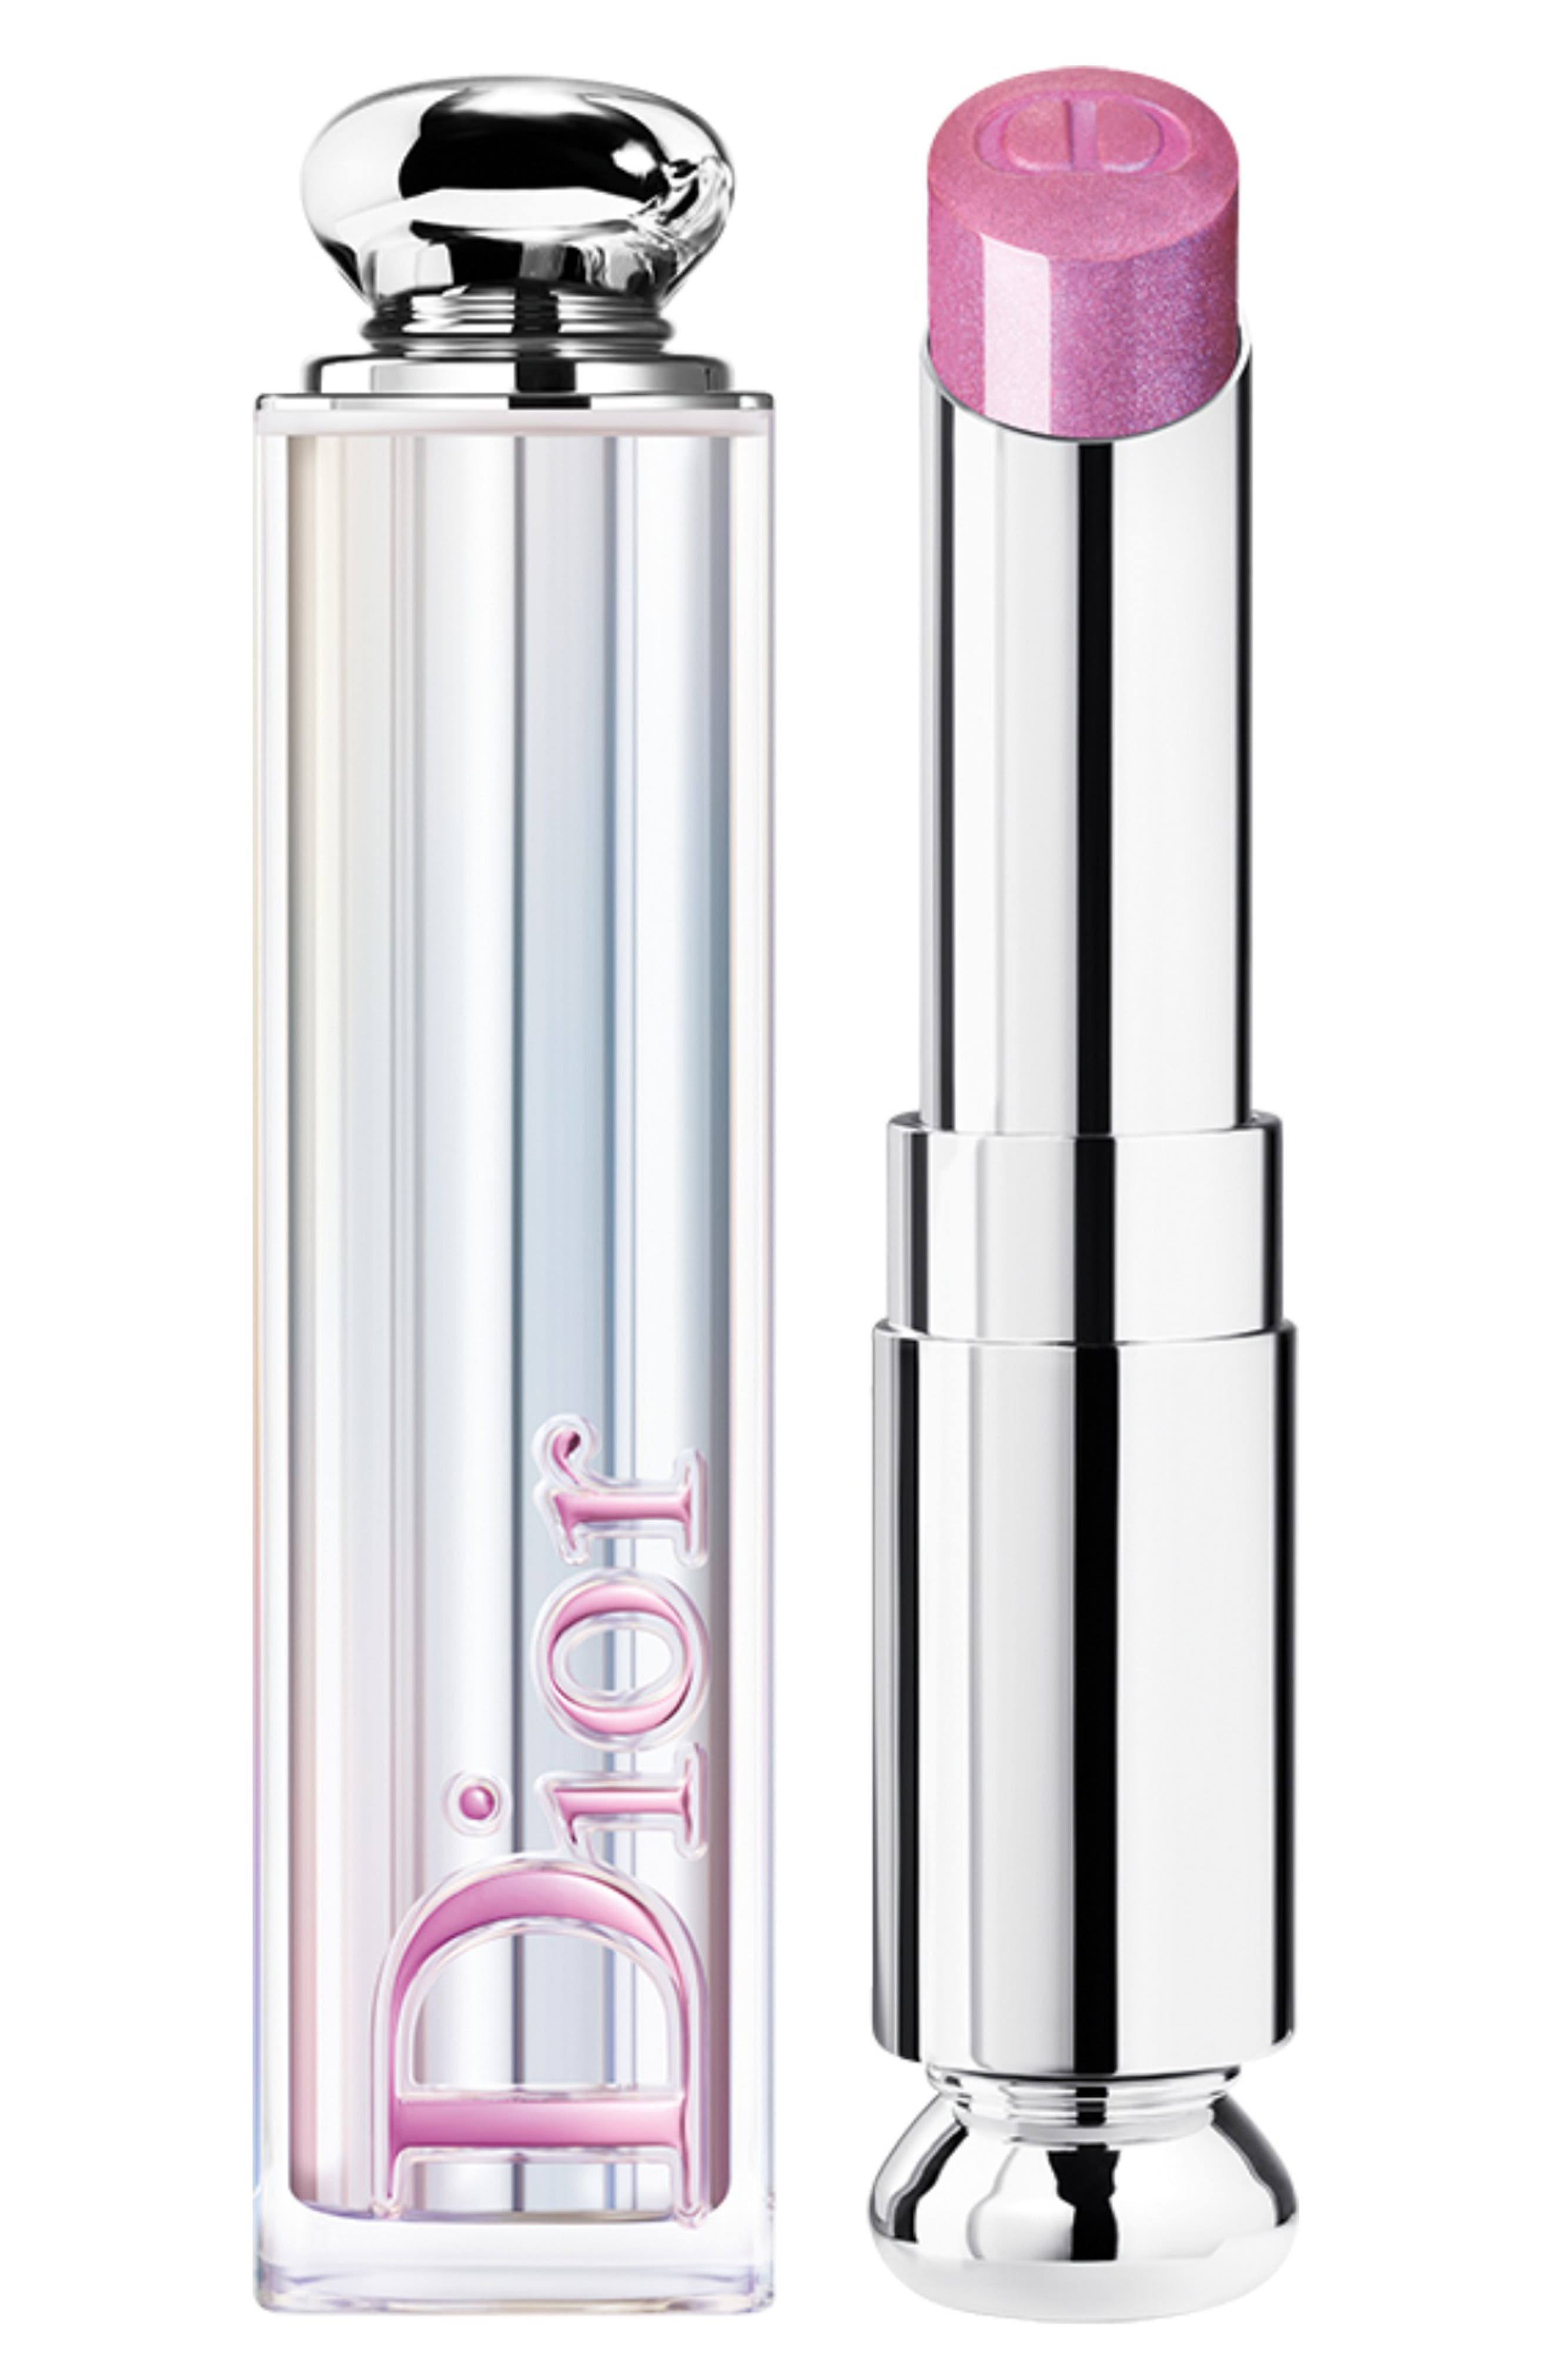 Dior Addict Stellar Shine Lipstick - 595 Diorstellaire